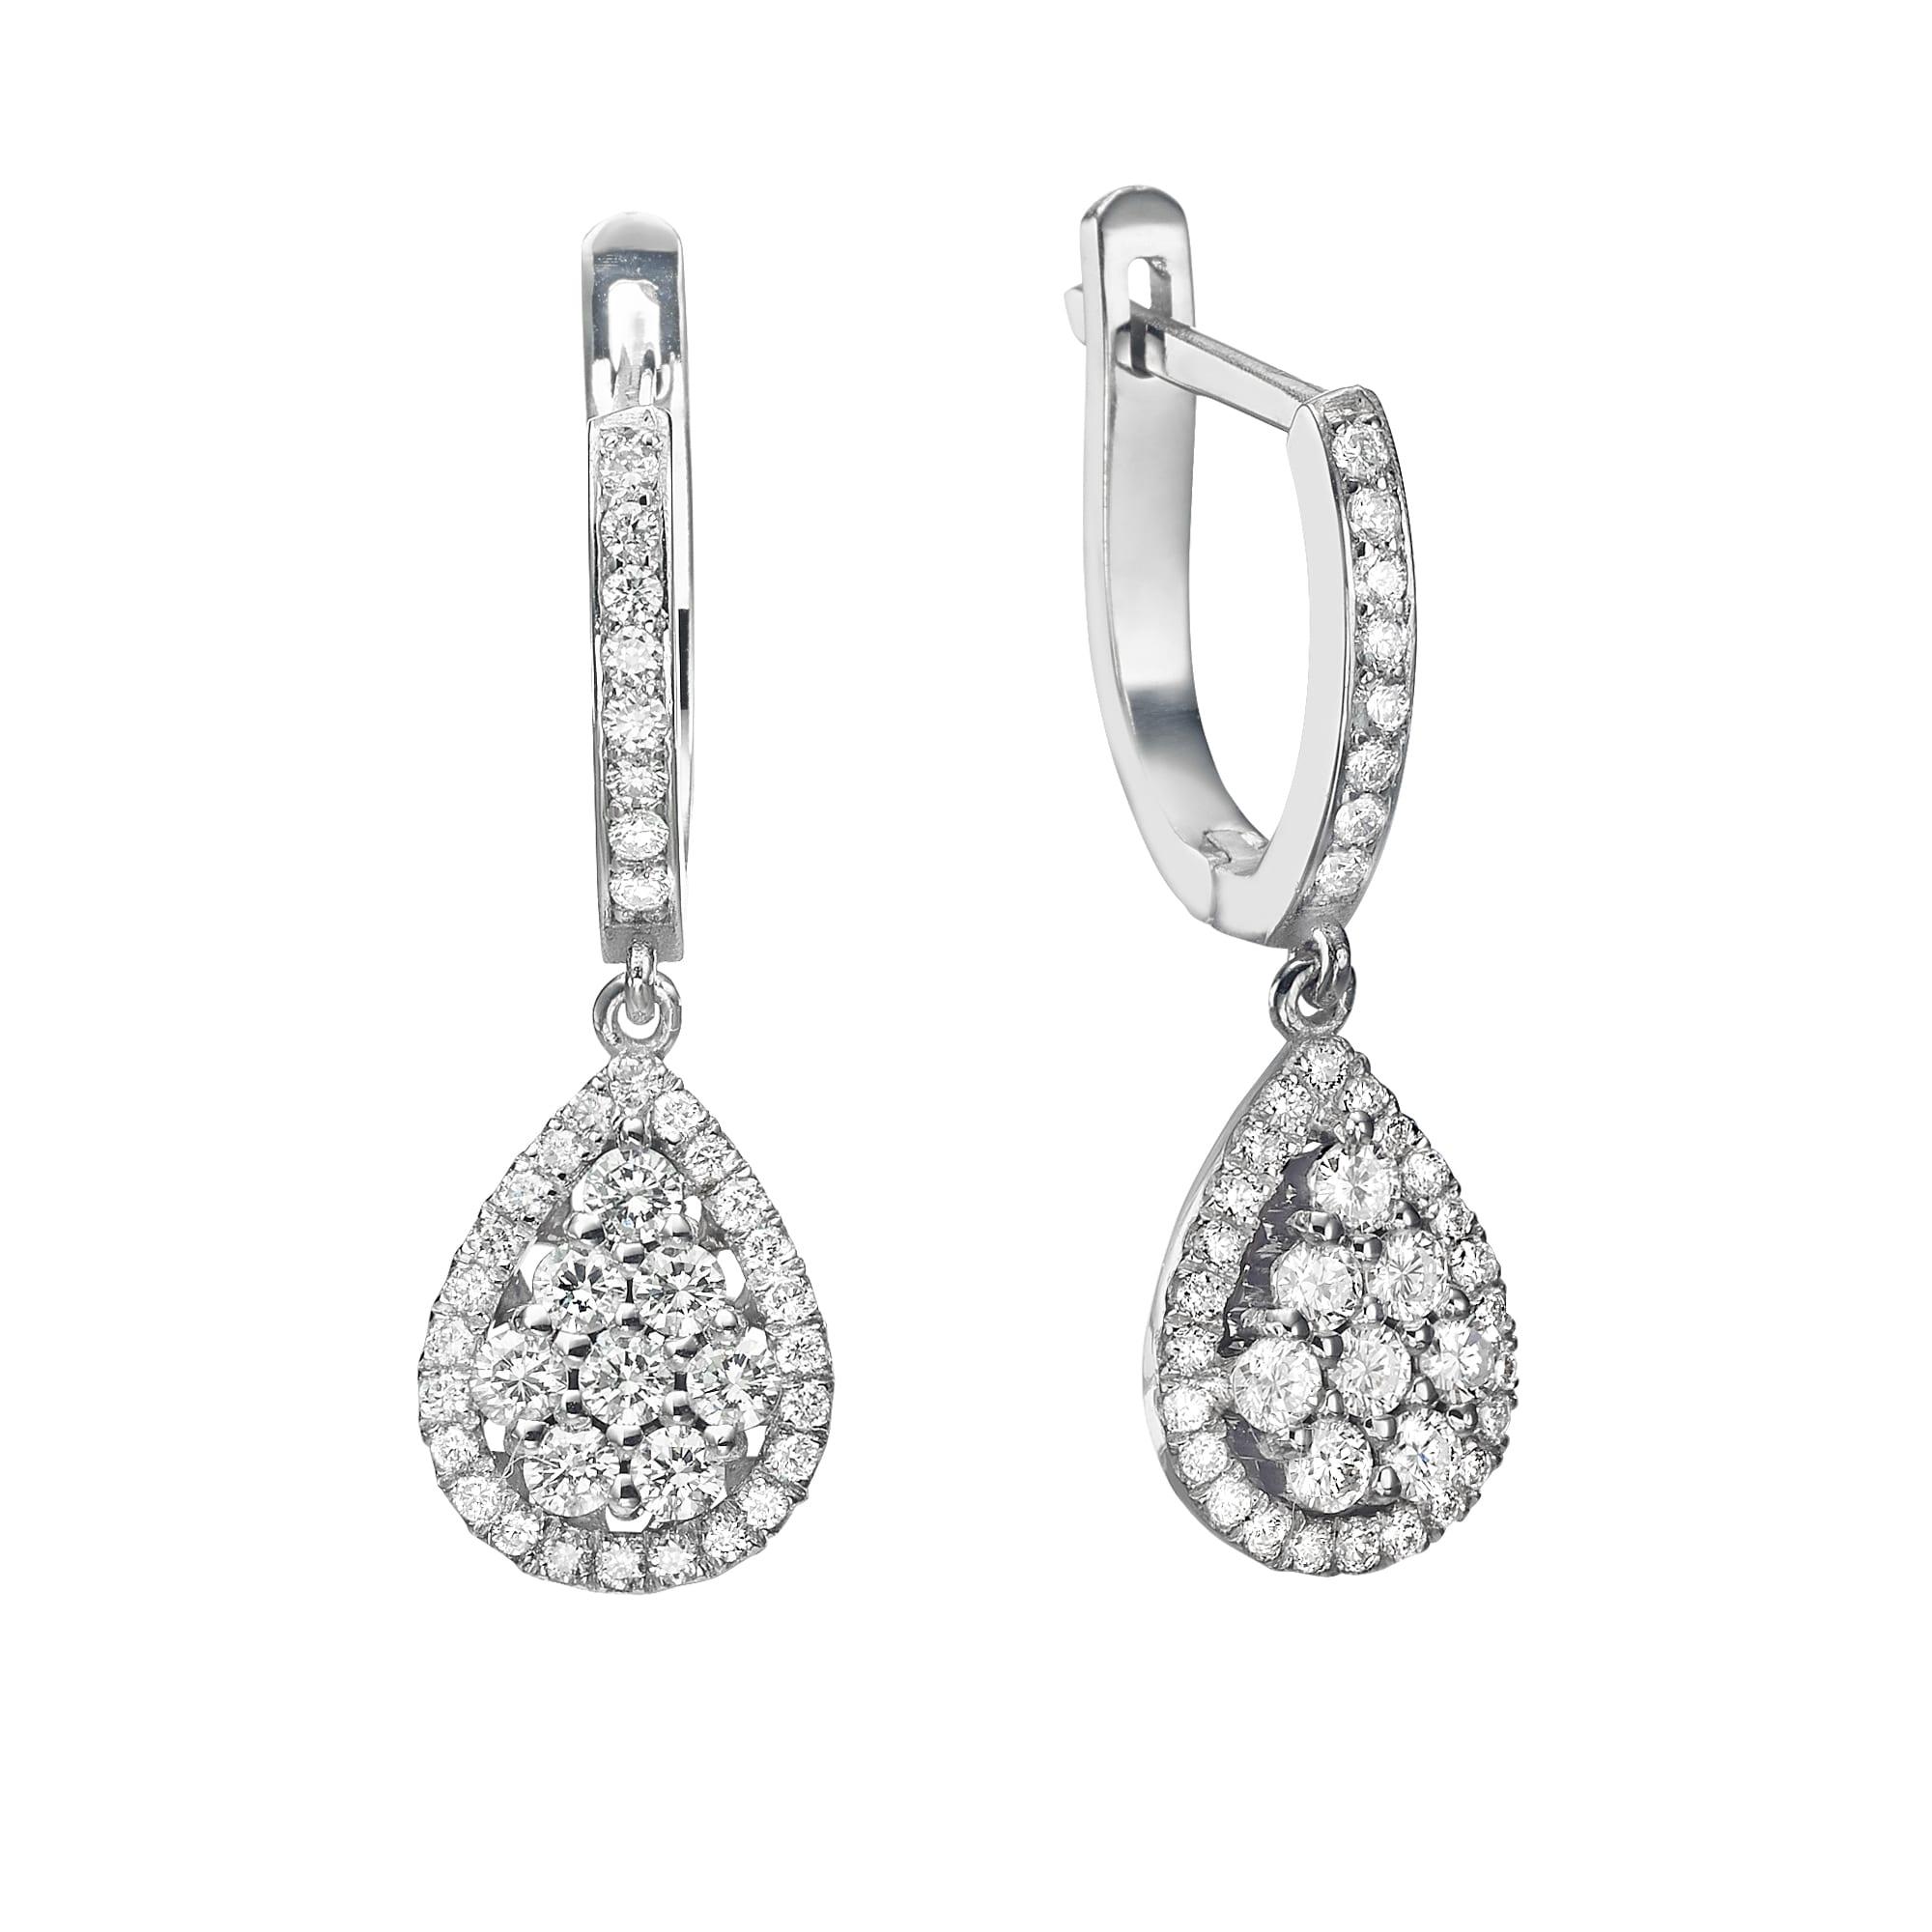 עגילי יהלומים דגם Erica